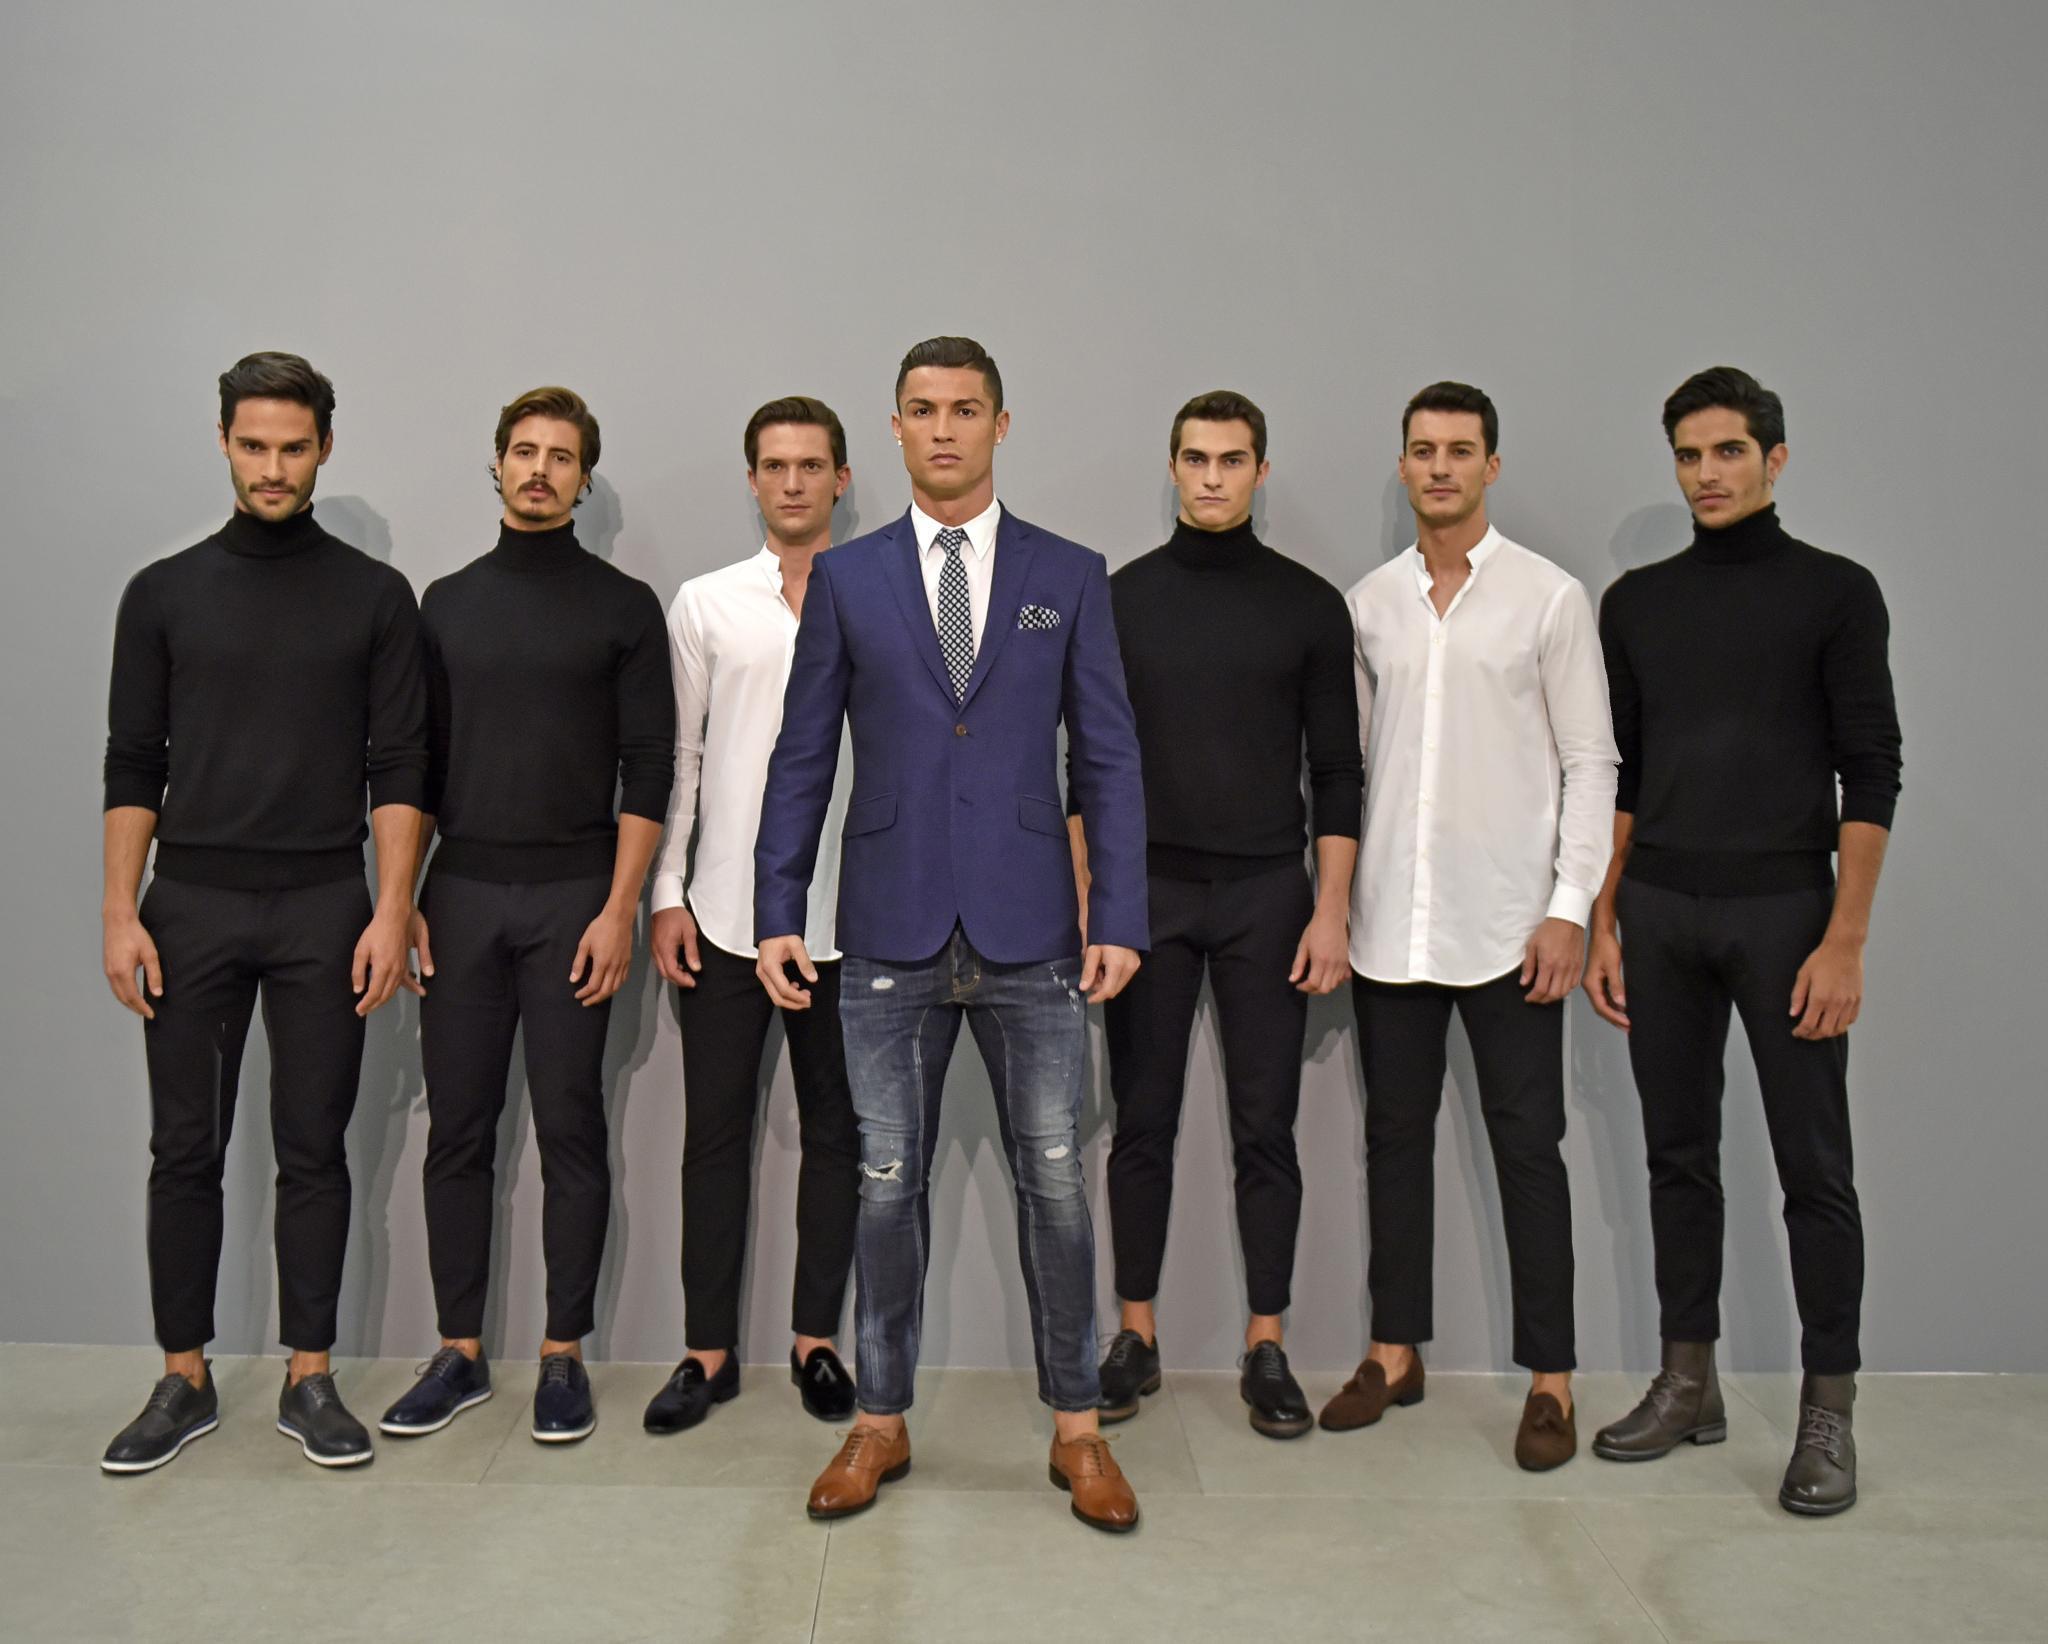 """Brust raus, Bauch rein: Cristiano Ronaldo bei der Präsentation der neuen Schuhkollektion für """"CR7"""" inmitten seiner Models."""